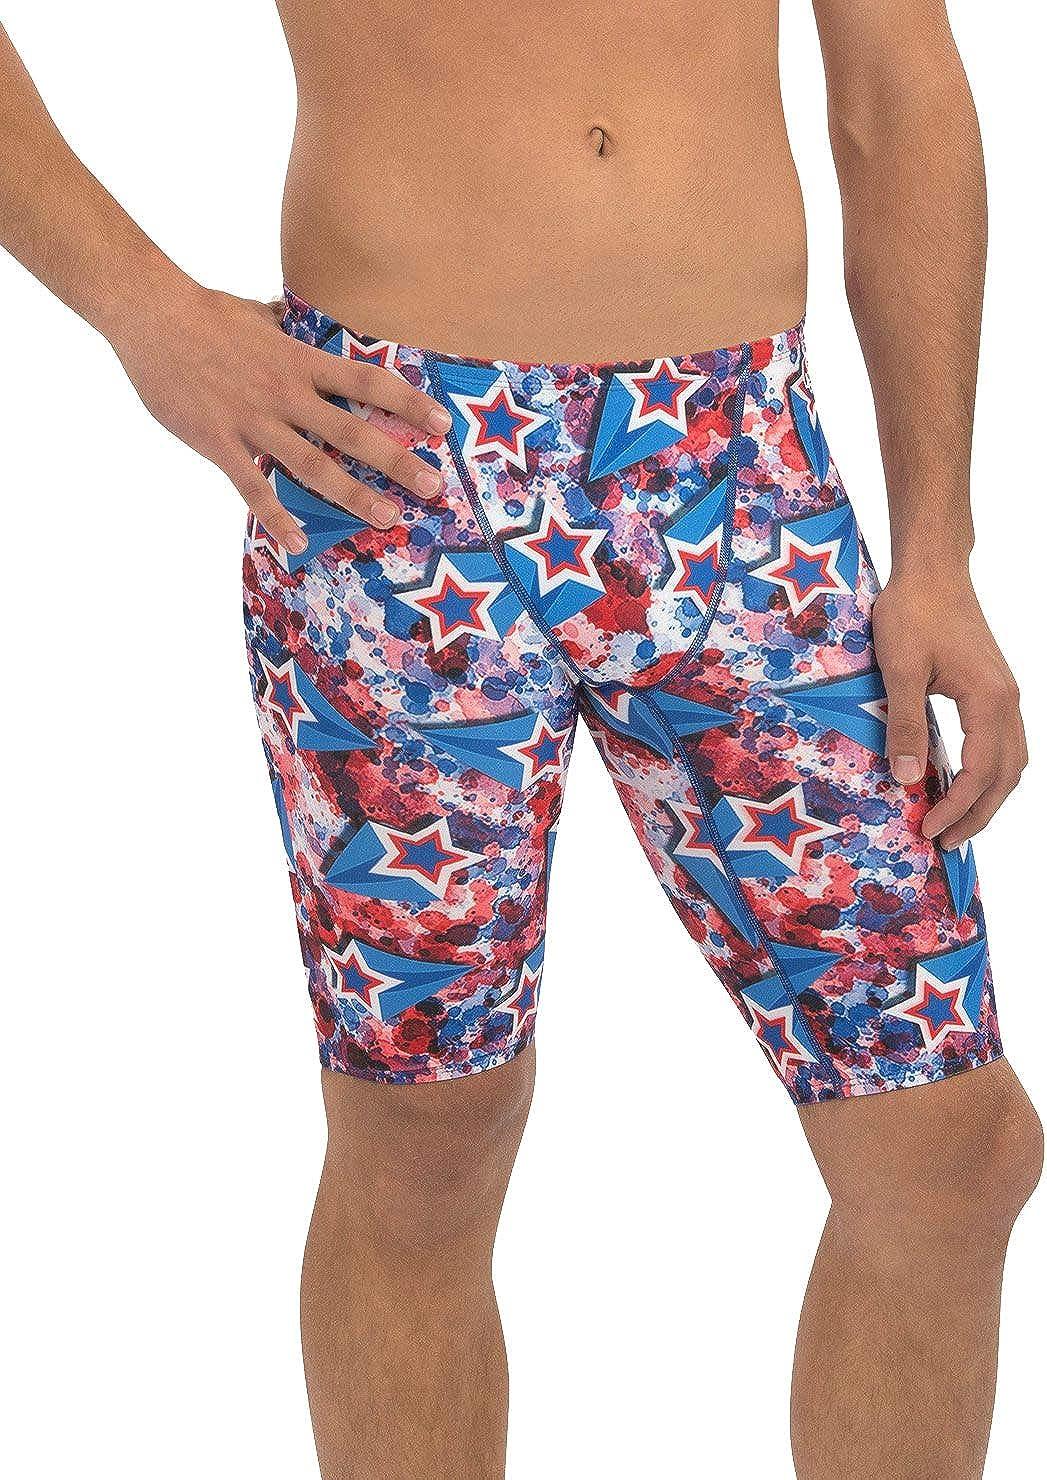 Dolfin Men's Uglies Prints Jammer Swimsuit